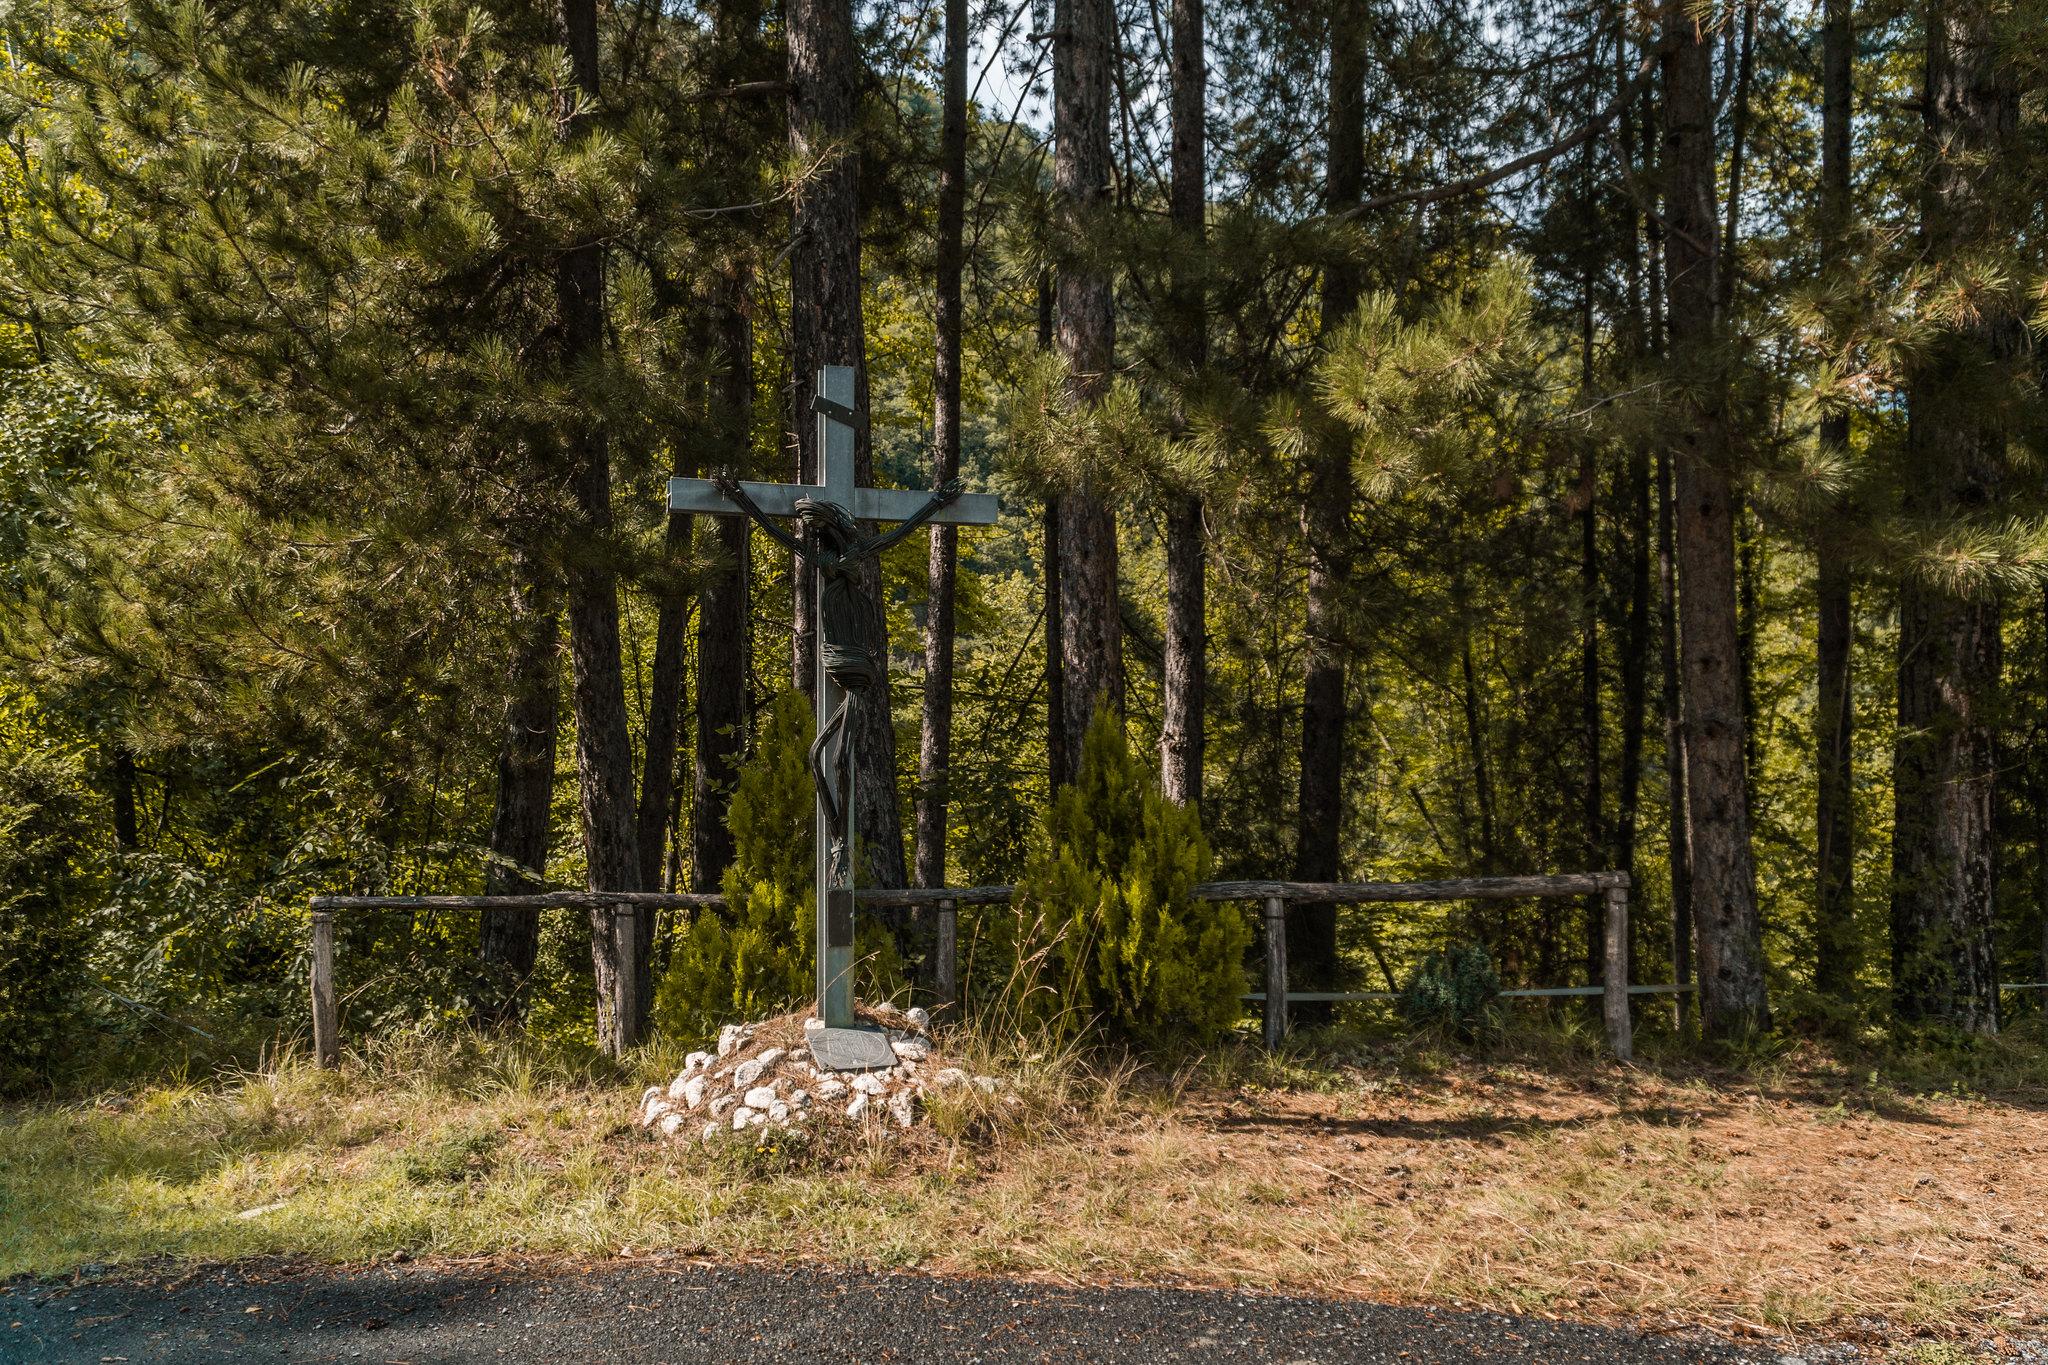 un crocefisso di fronte al bosco